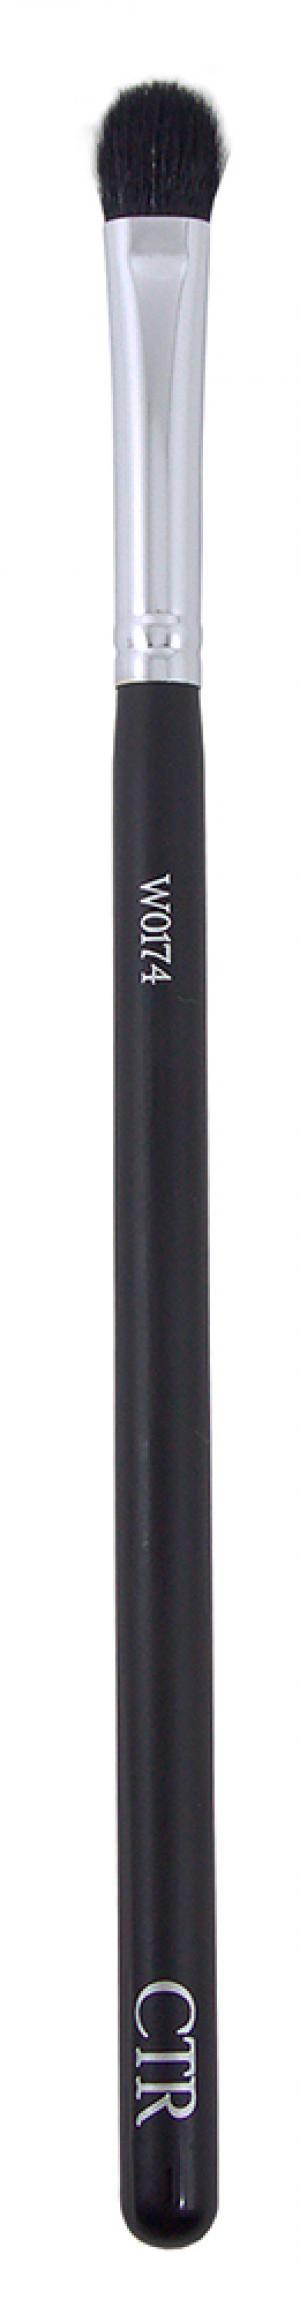 Кисть для теней ворс енота W0174 - 00-00011554